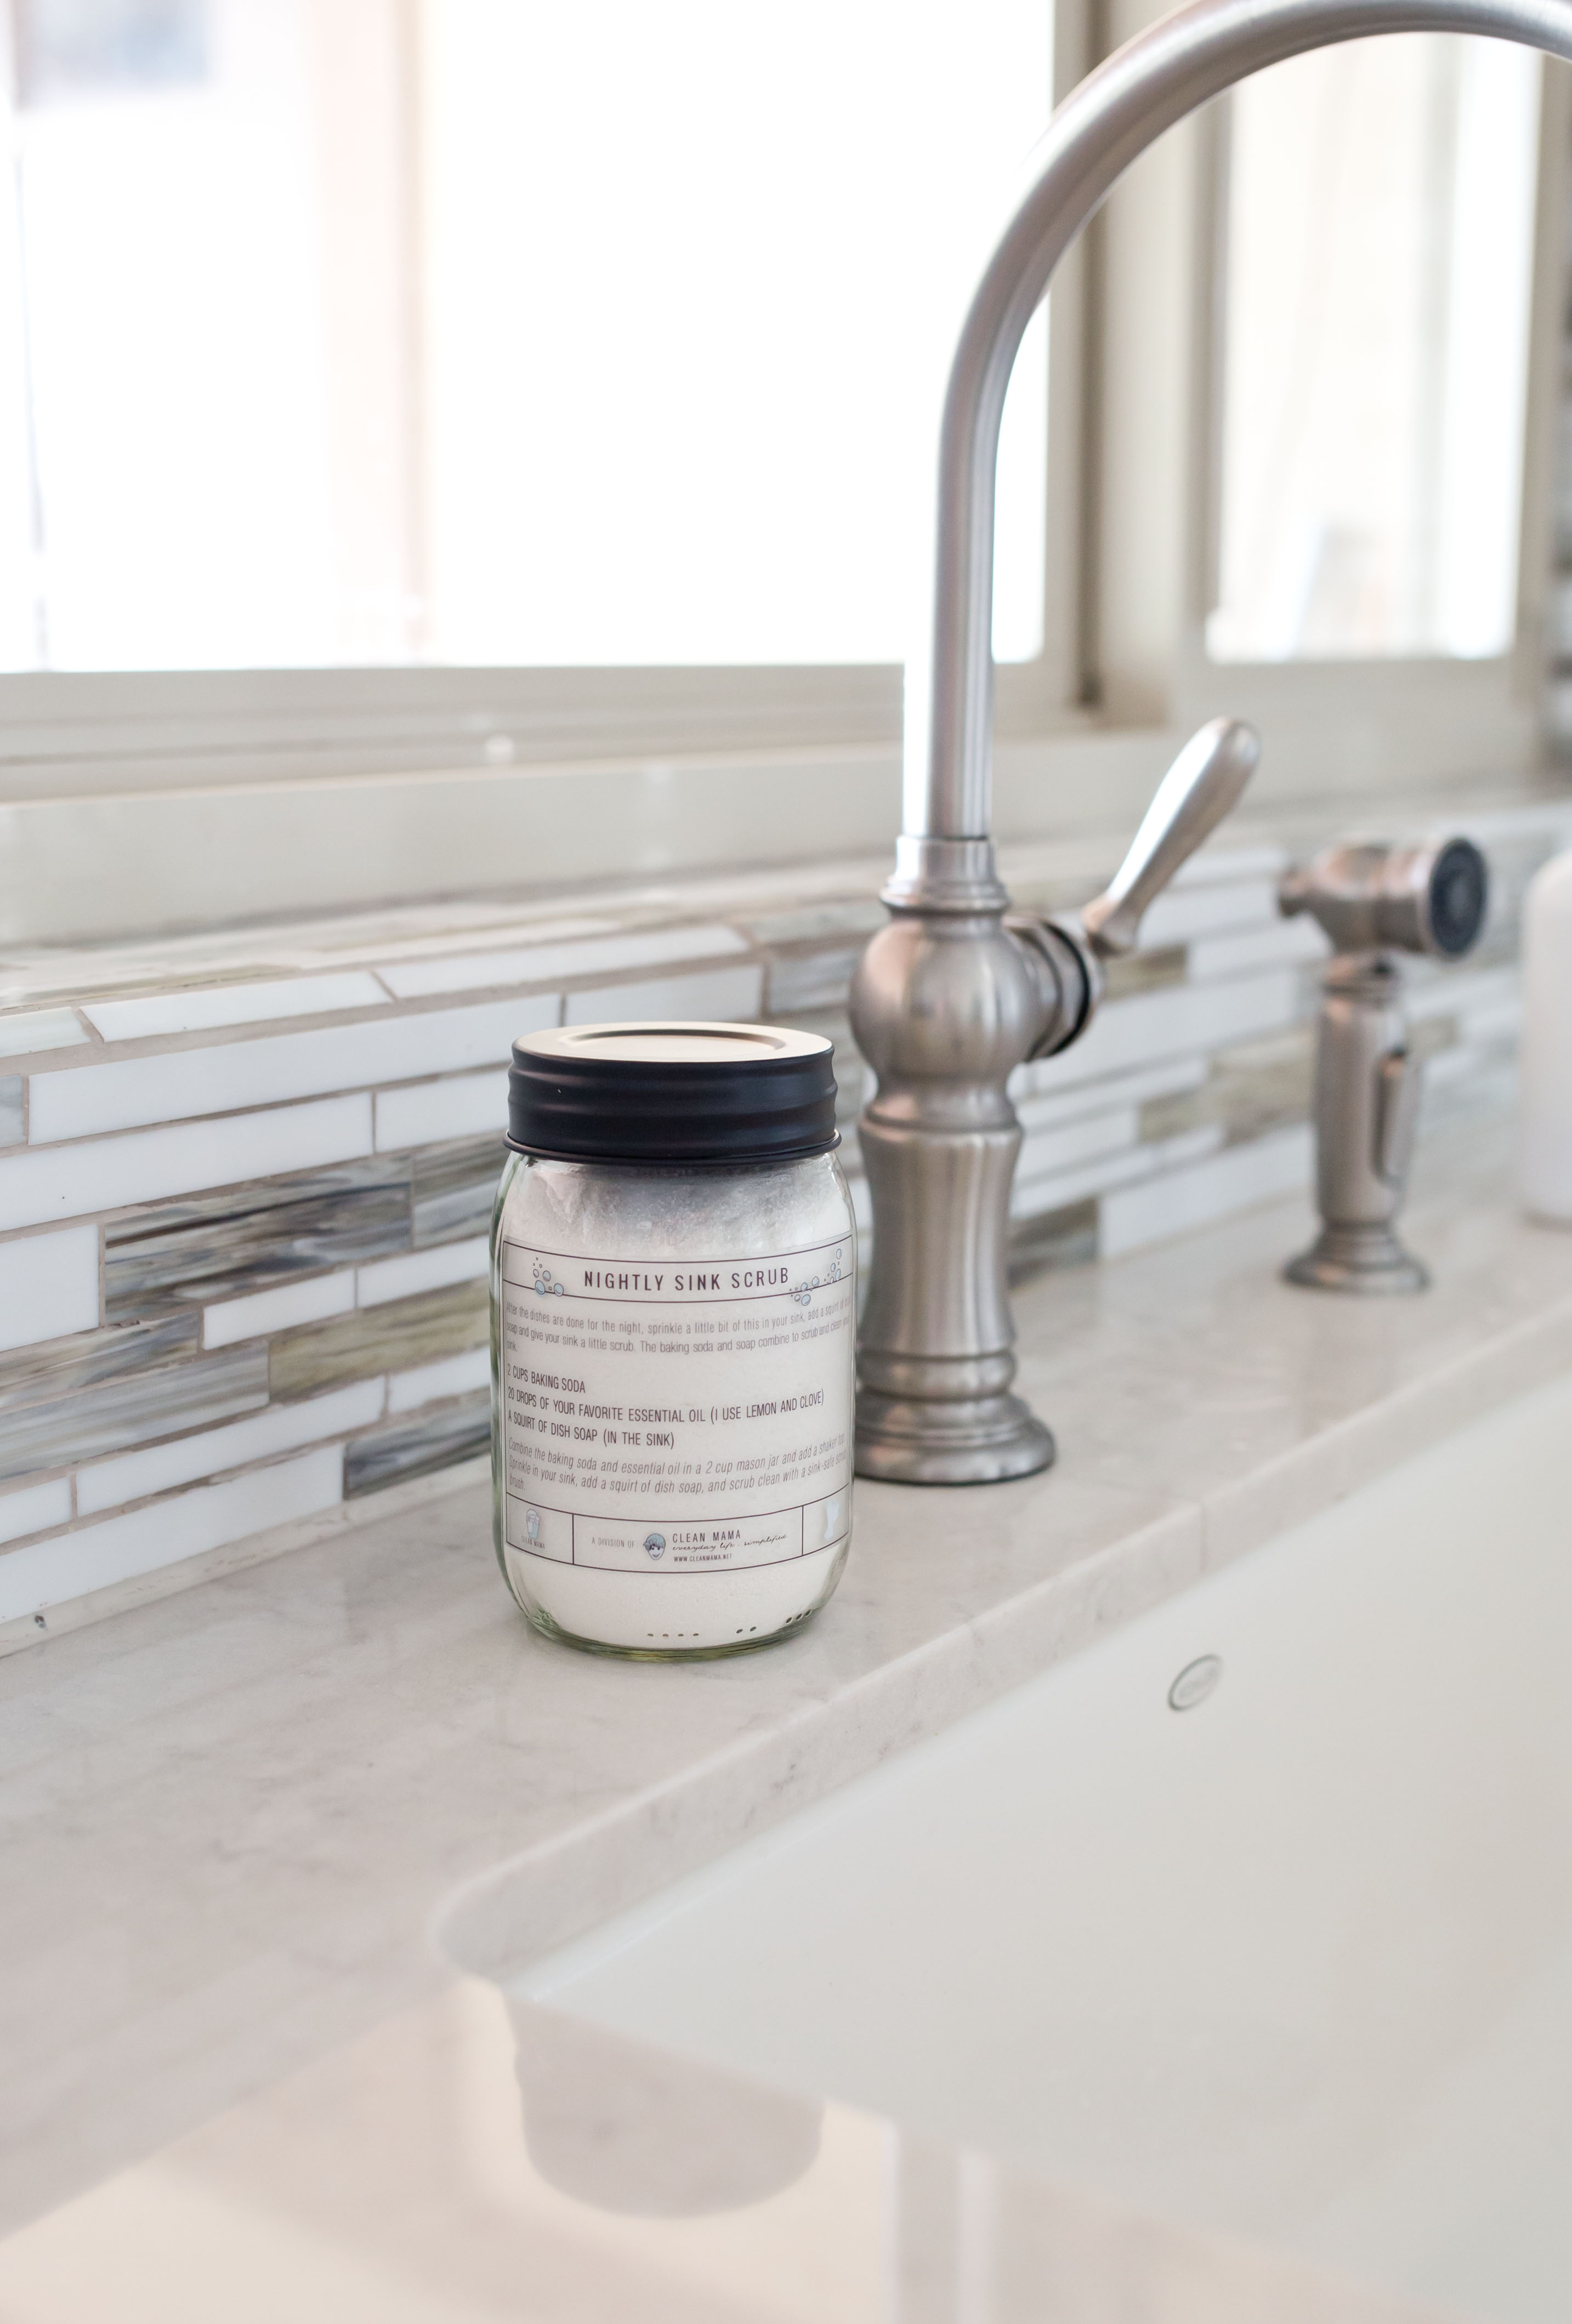 Lemon + Clove Nightly Sink Scrub - Clean Mama